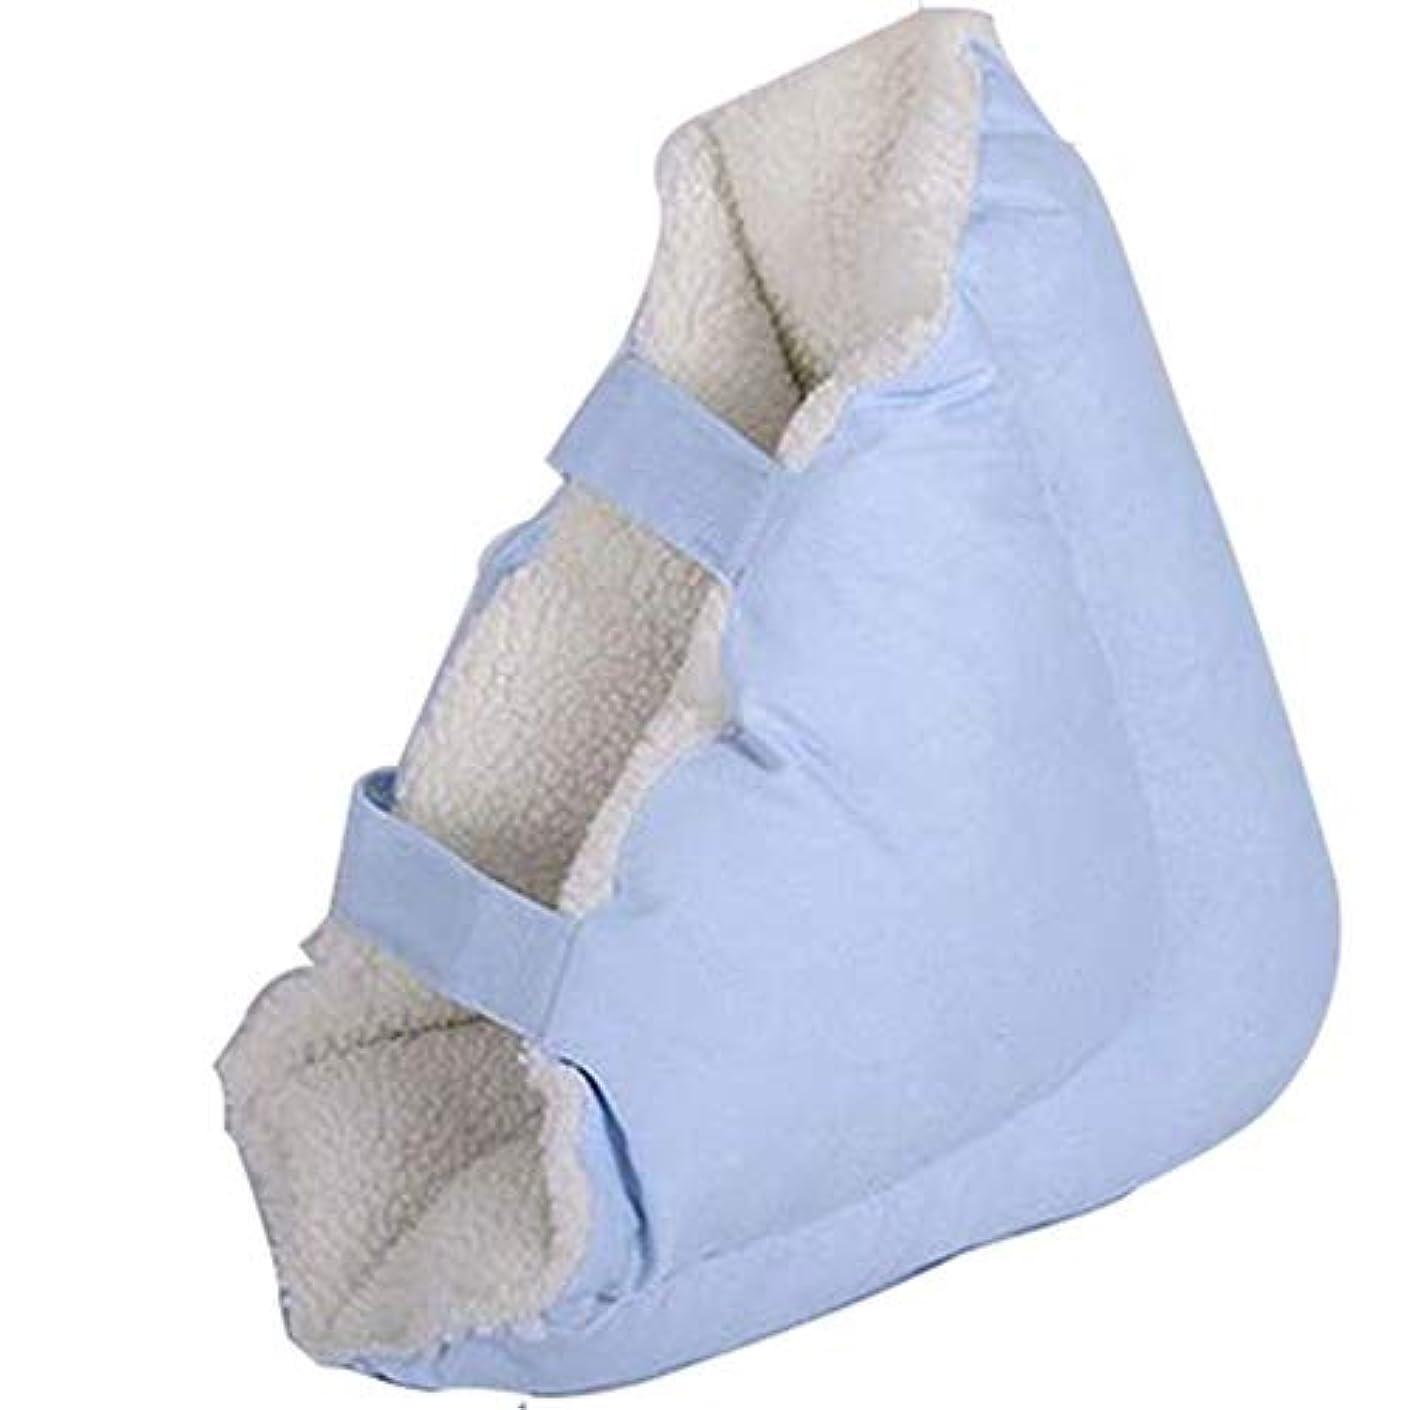 哲学破壊発揮するヒールクッションプロテクター、足枕かかとパッド保護パッド-抗ニキビ抗菌布枕、1ペア床ずれ防止 かかとあて